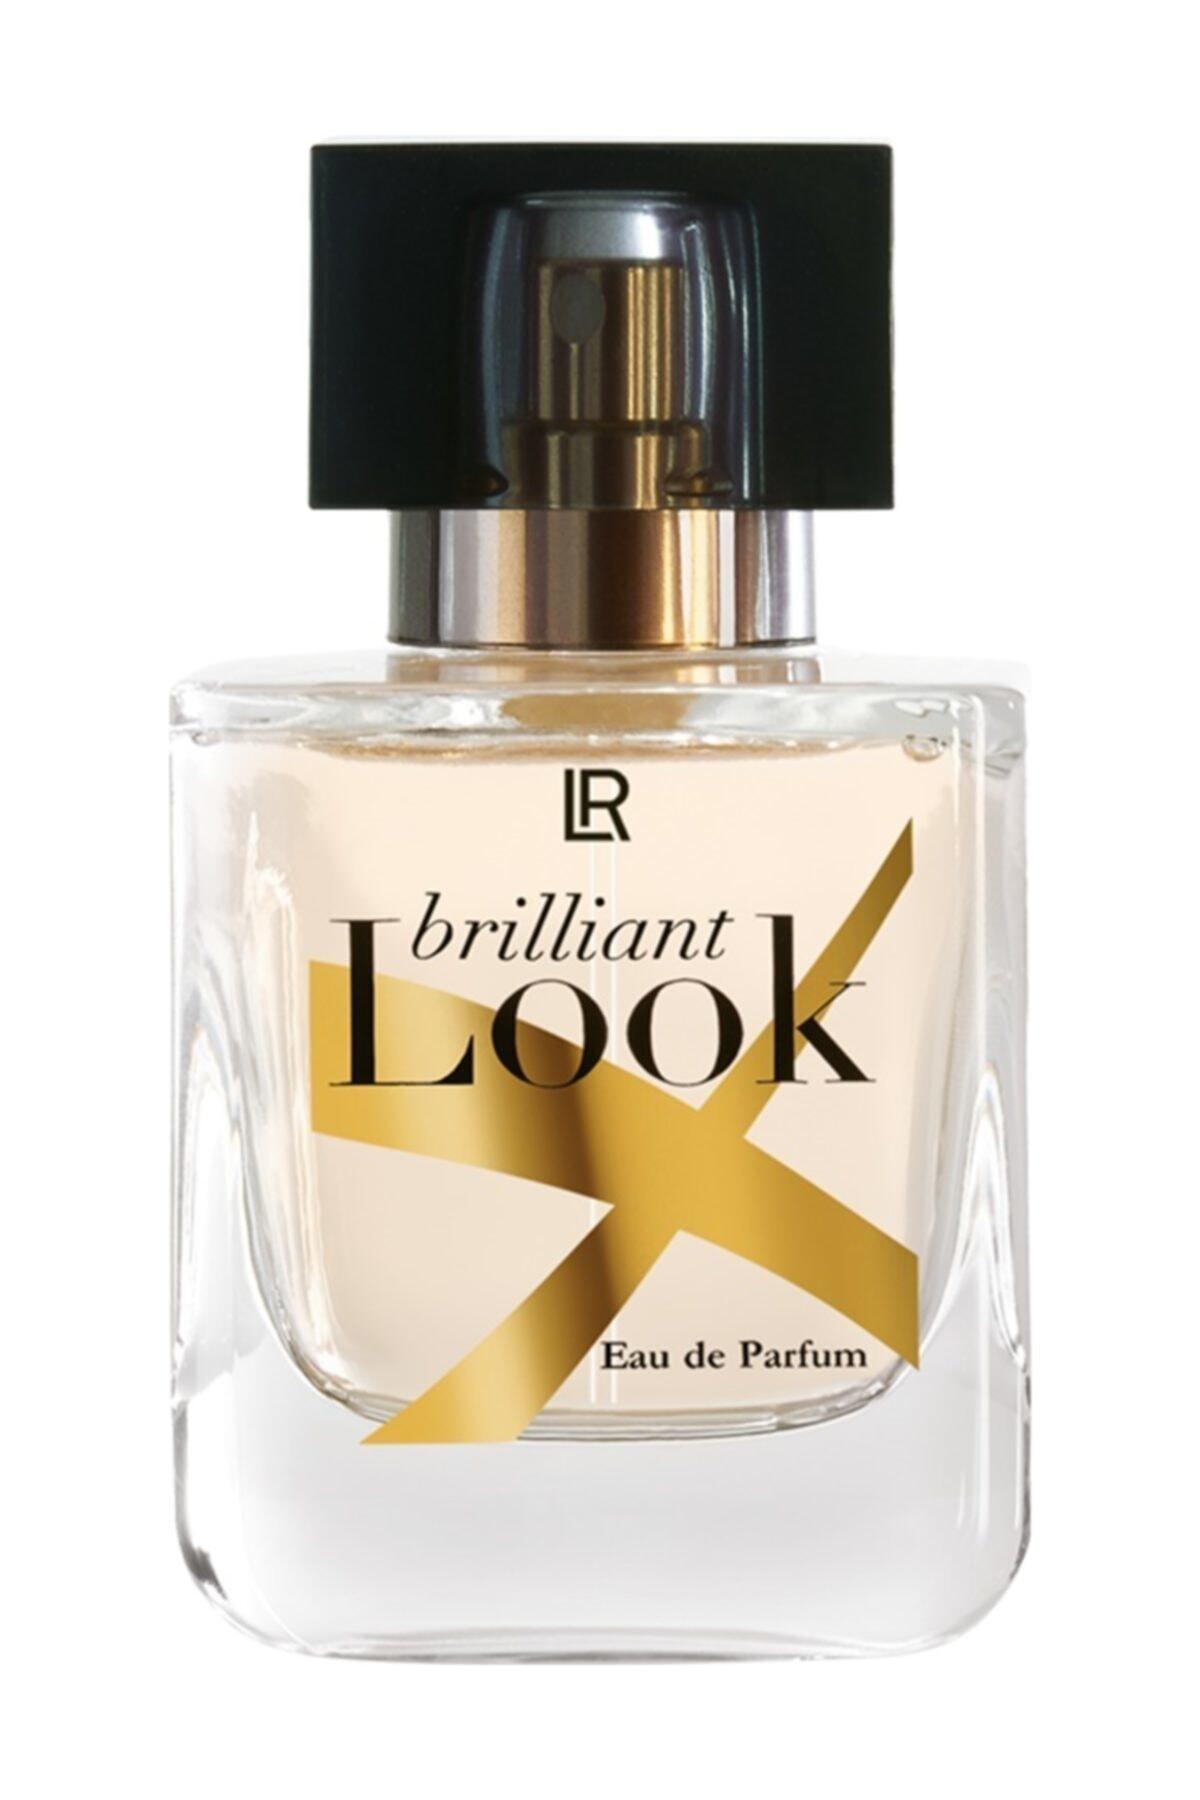 LR Brilliant Look Eau De Parfum - Kadın Parfümü 50 ml 600173981184 1